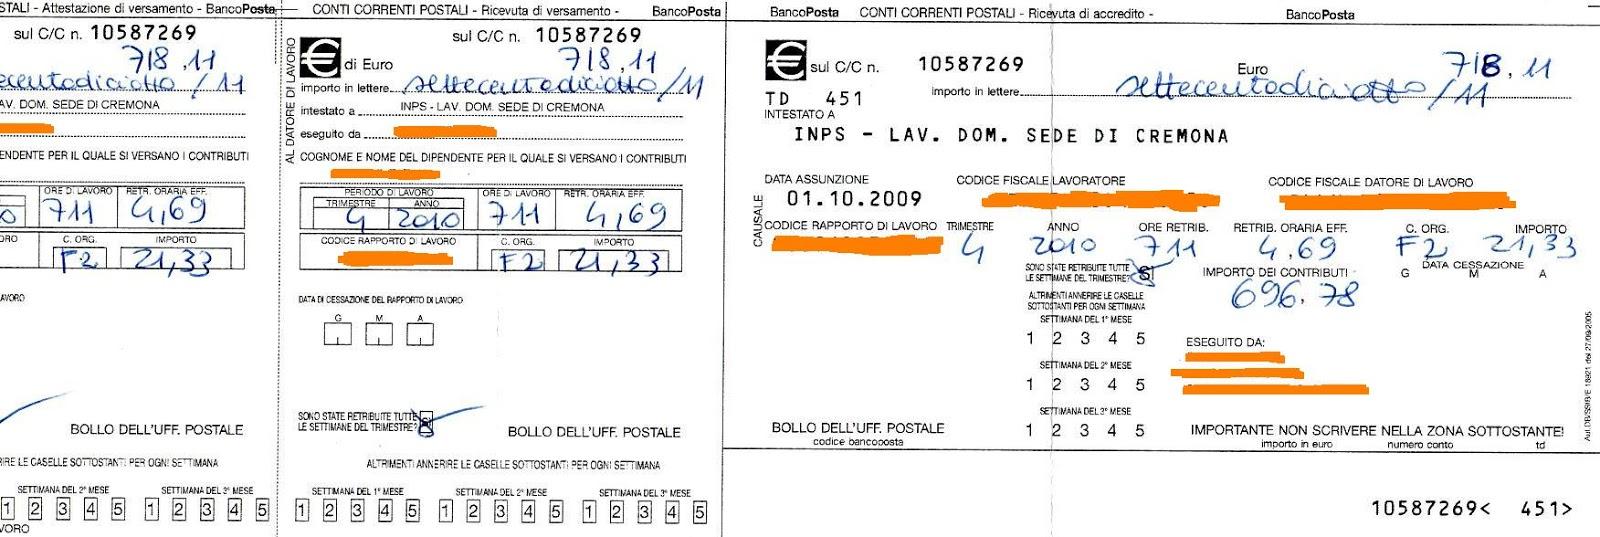 Contratto badanti il bollettino inps for Permessi di soggiorno per lavoro